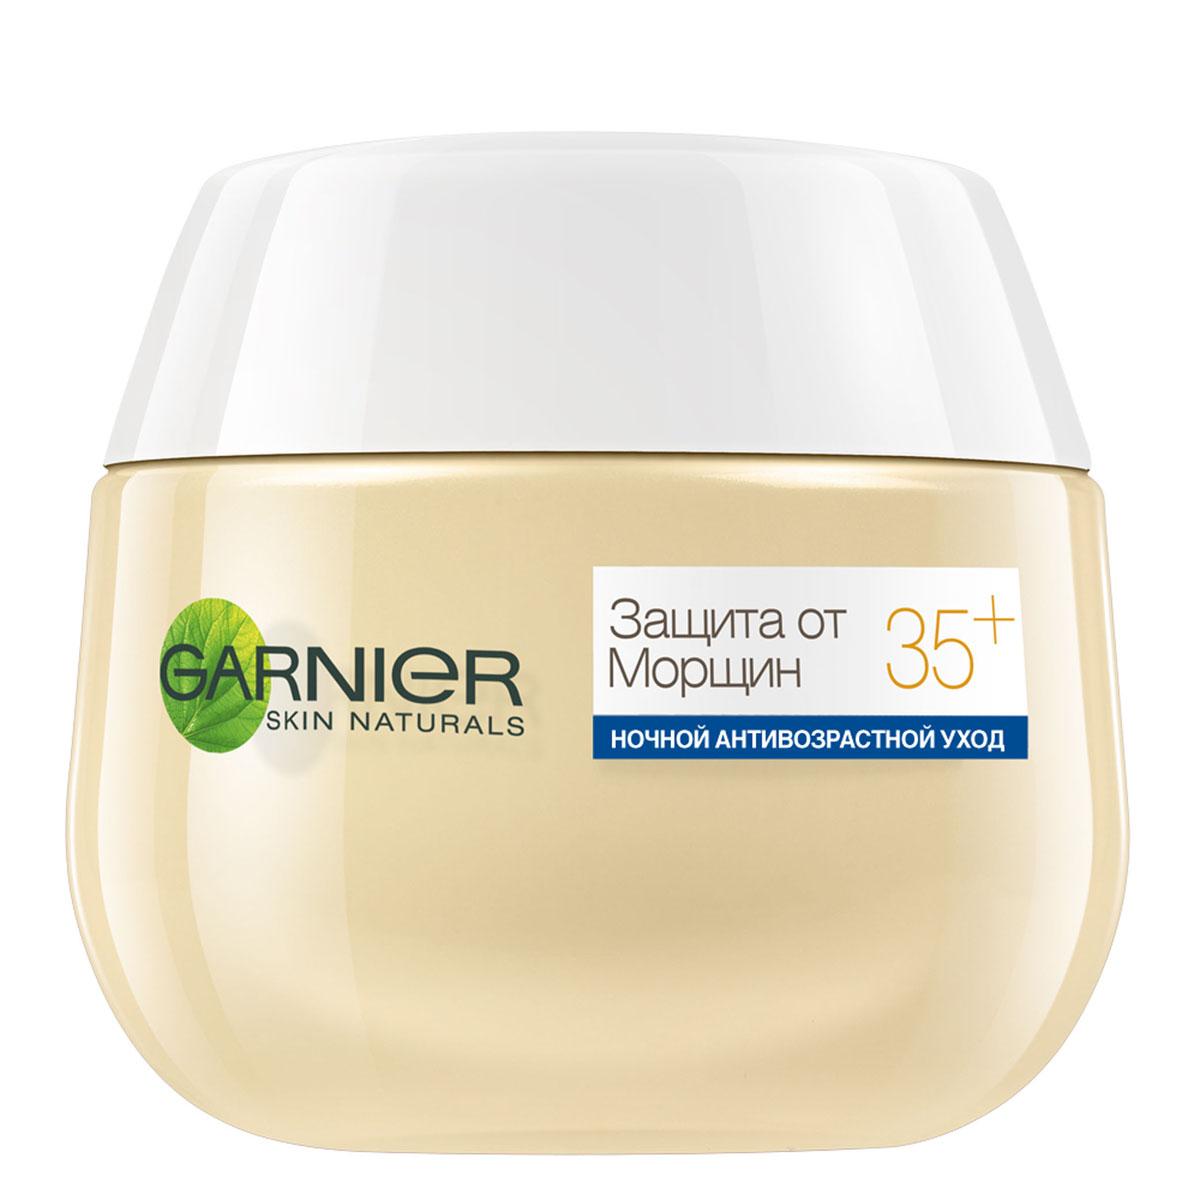 Garnier Крем для лица Антивозрастной Уход, Защита от морщин 35+, ночной, 50 мл